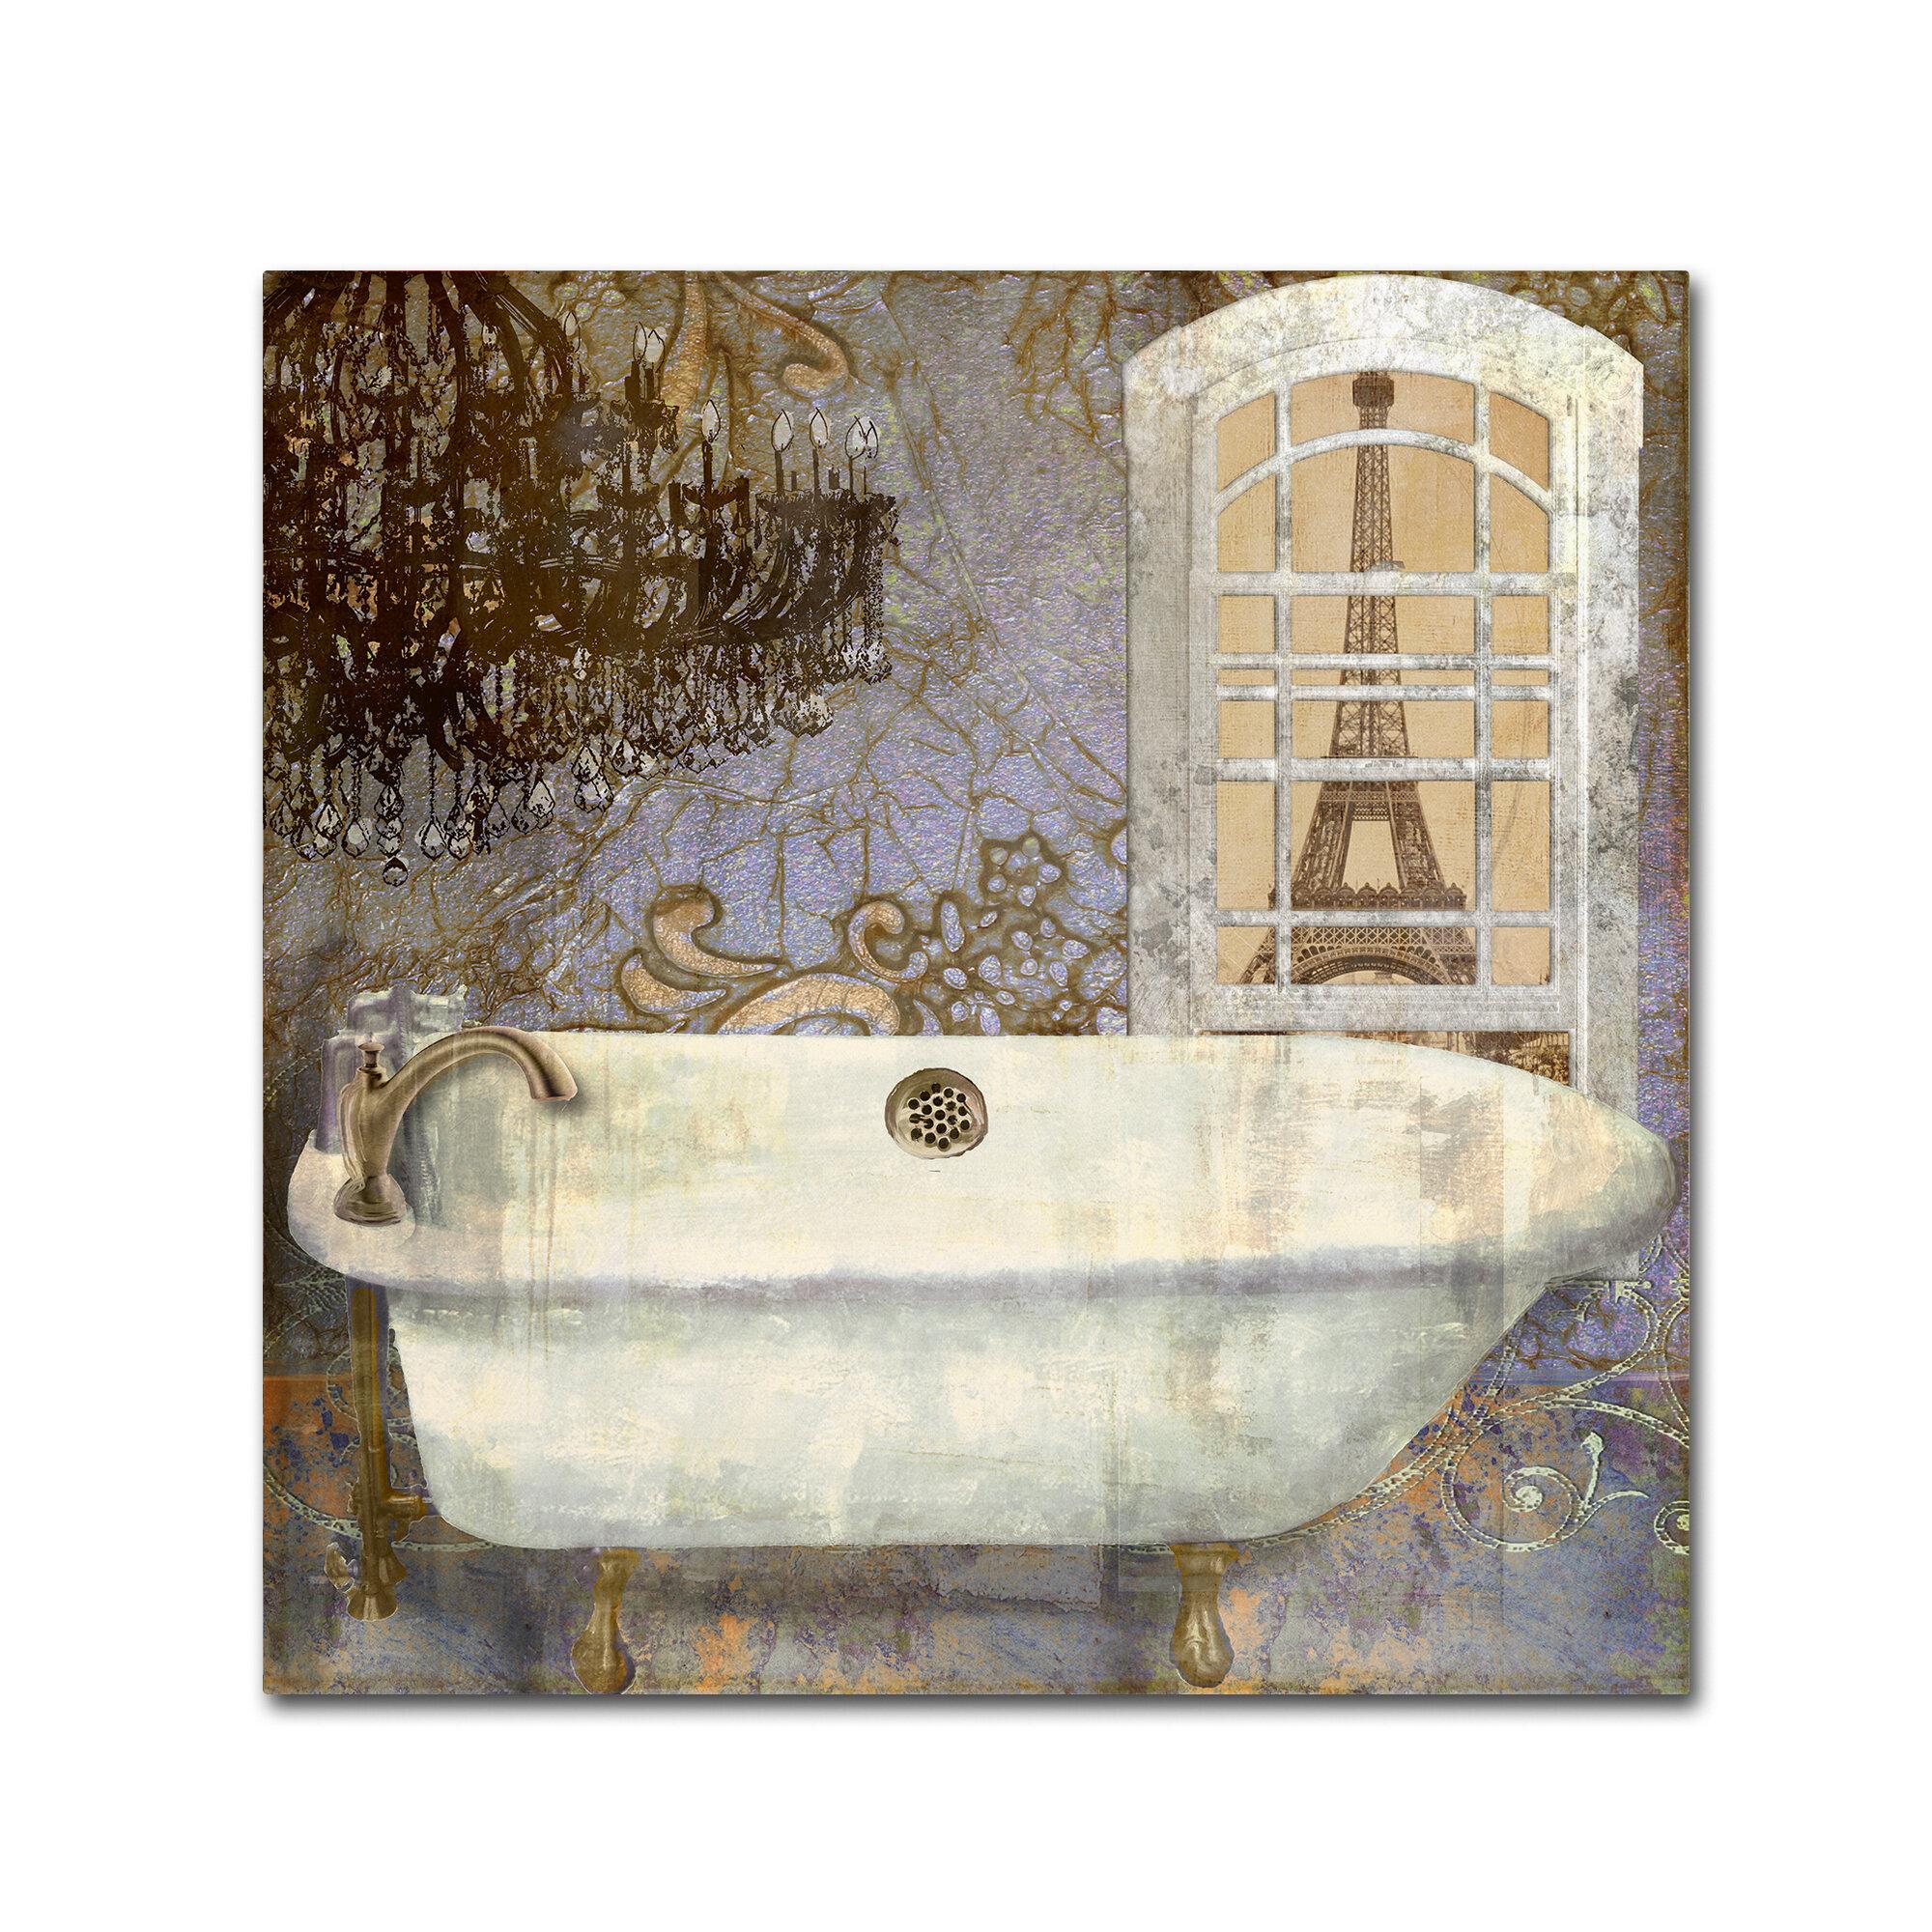 Salle De Bain Idea Group ~ trademark art salle de bain i by color bakery graphic art on